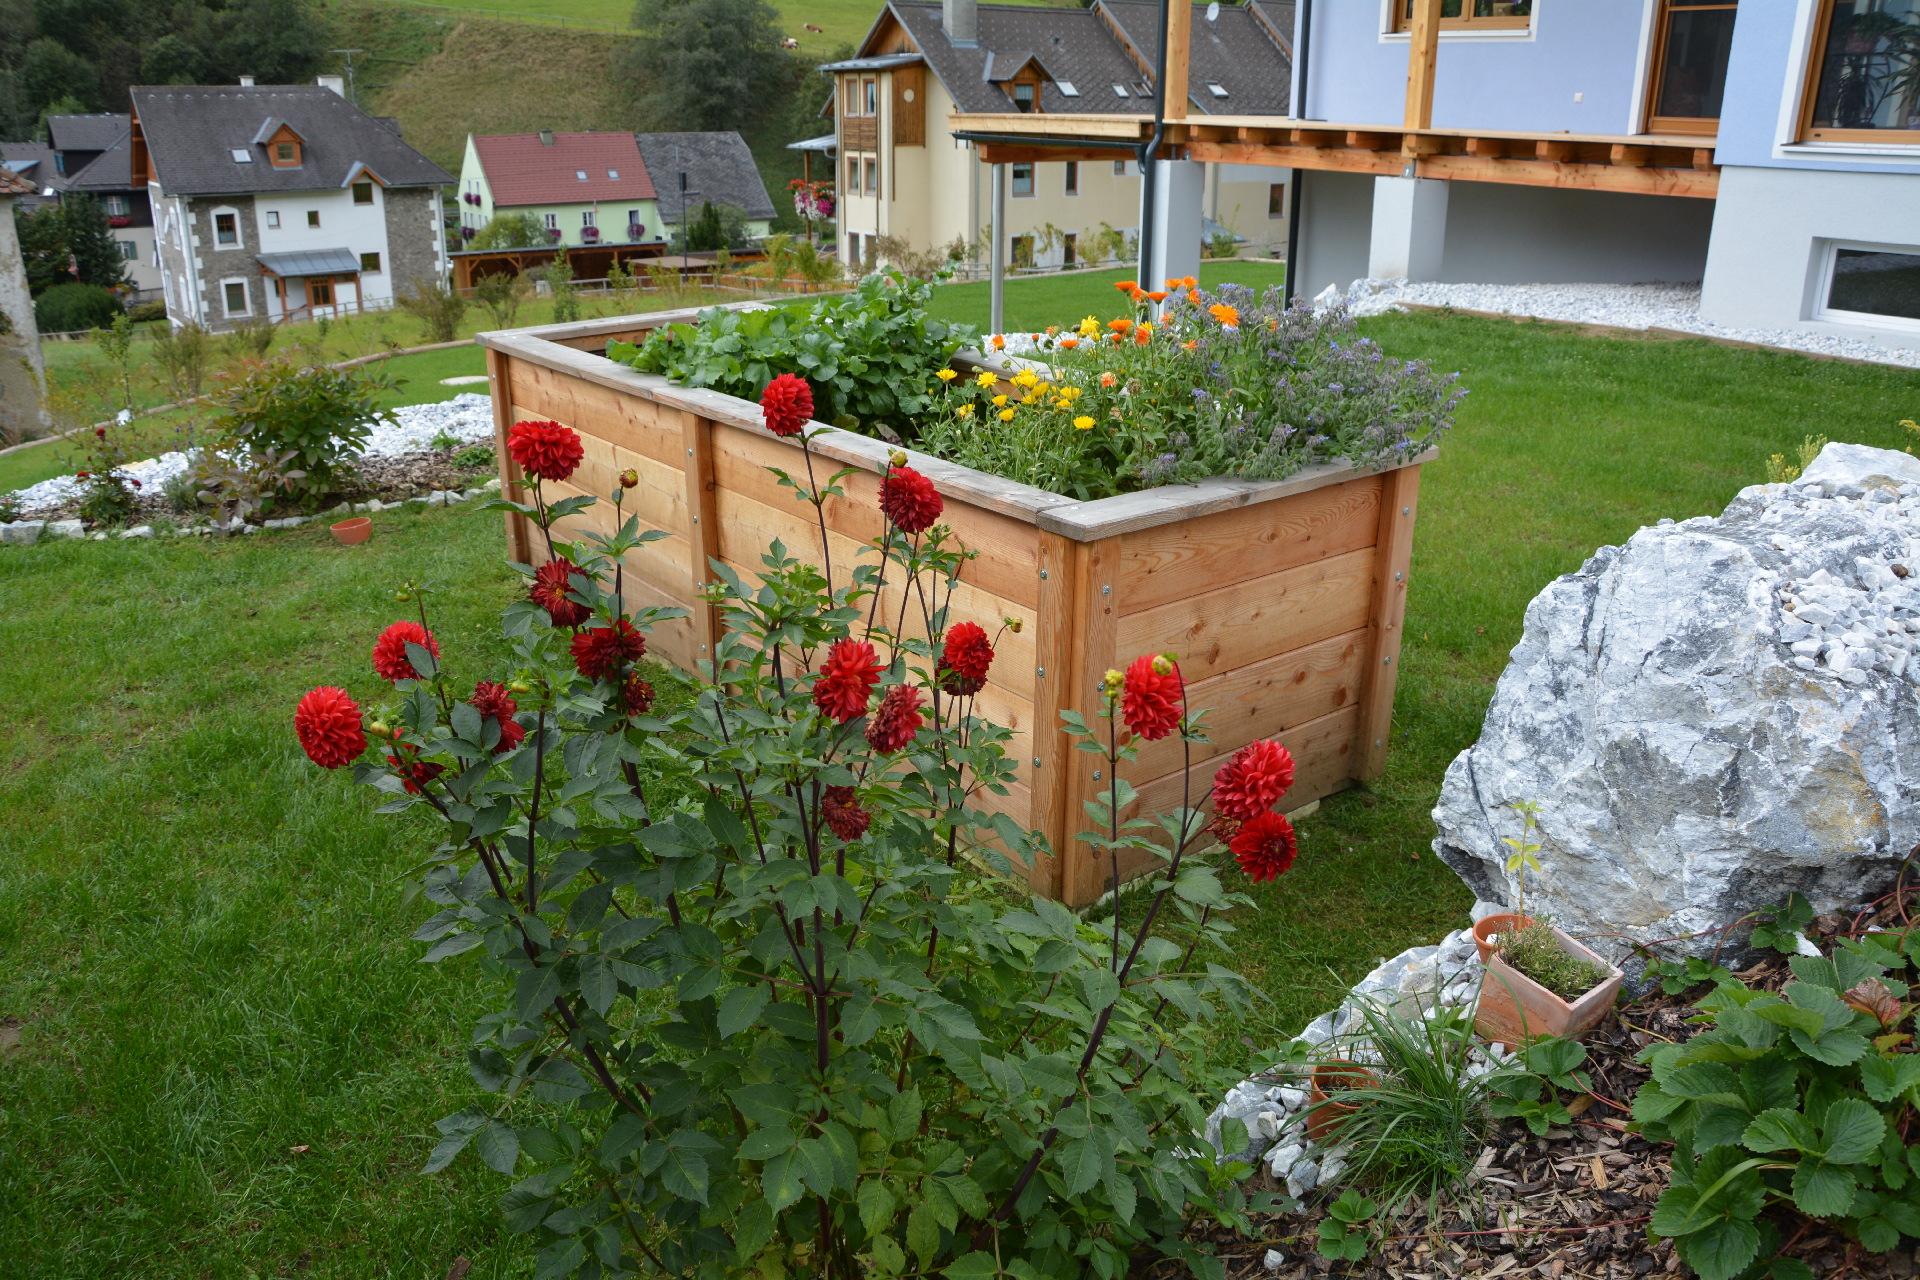 Gartengestaltung bildergalerie s gewerk haingartner for Gartengestaltung 2018